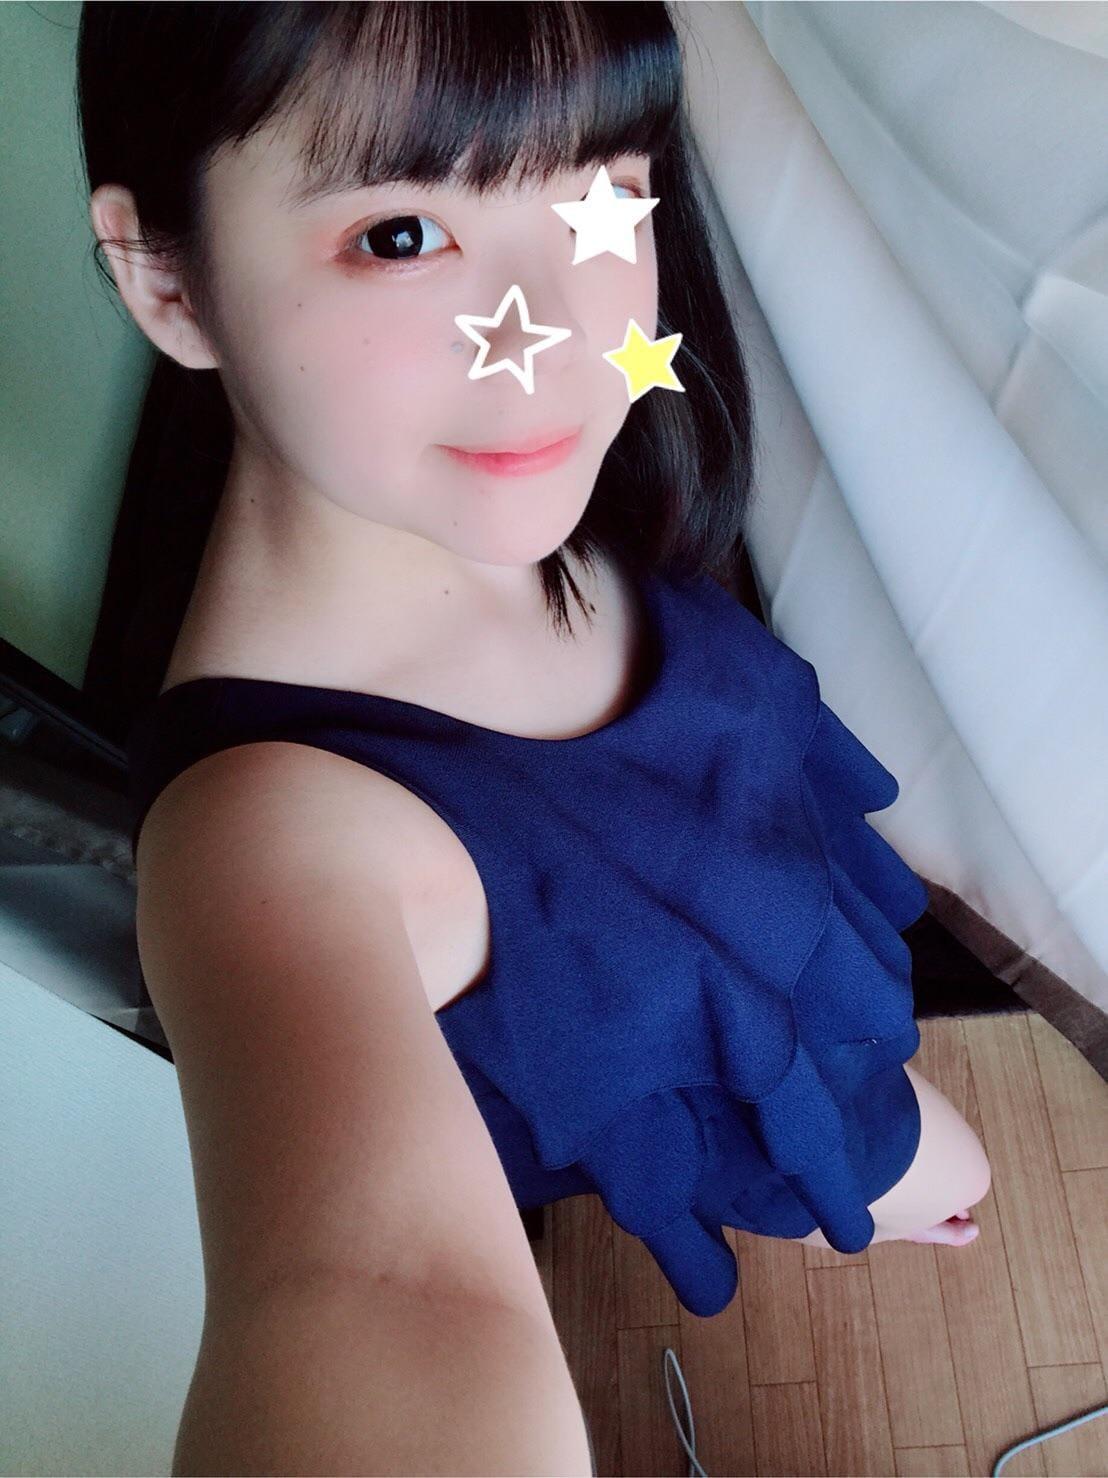 香坂 みおり「お礼?」08/18(土) 00:48   香坂 みおりの写メ・風俗動画